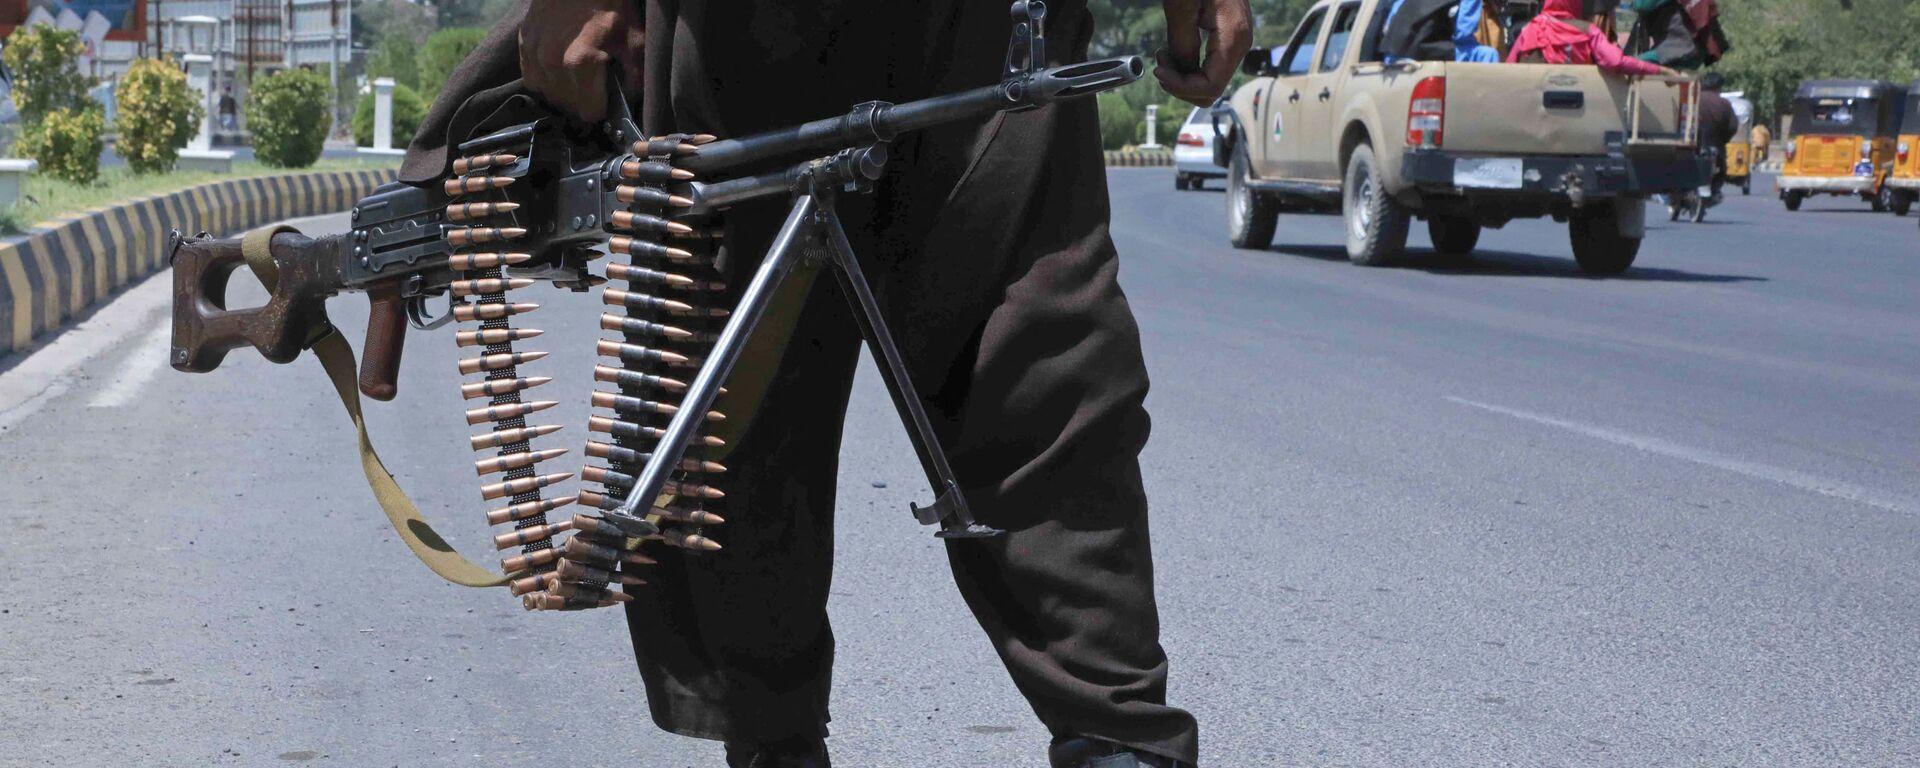 Боевик Талибана* на улице в афганском городе Герат - Sputnik Латвия, 1920, 17.09.2021